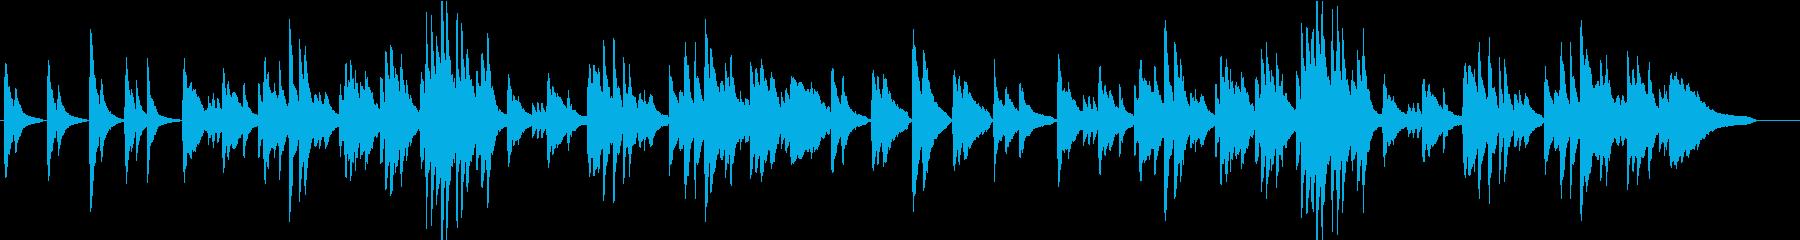 穏やかで切ないピアノソロ_002の再生済みの波形